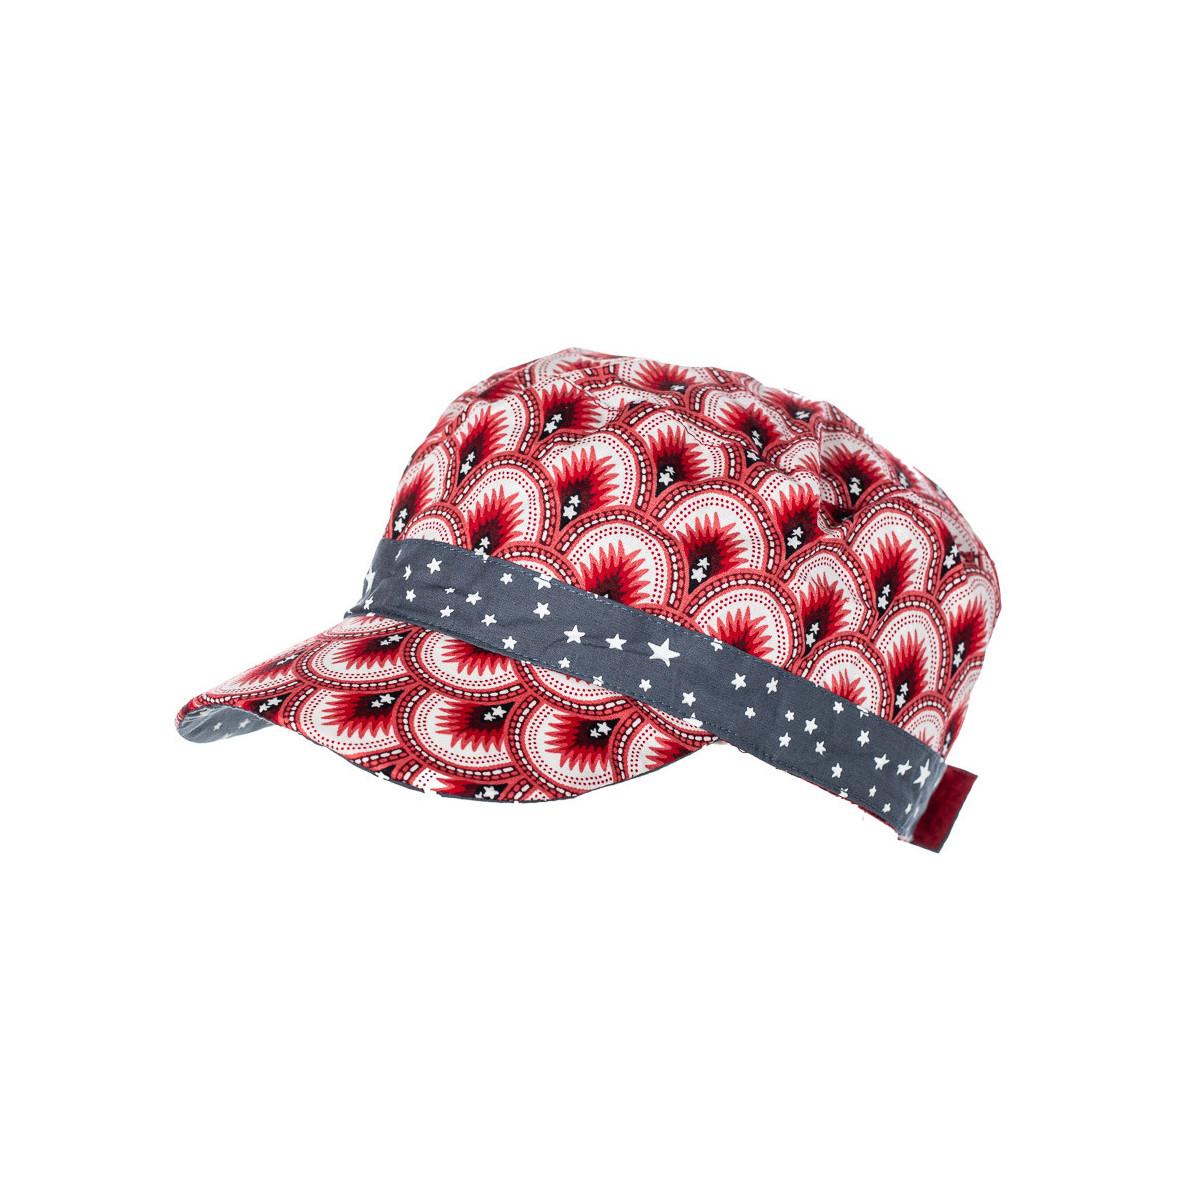 Casquette coton réversible pour enfant 1-8 ans rouge et grise étoiles